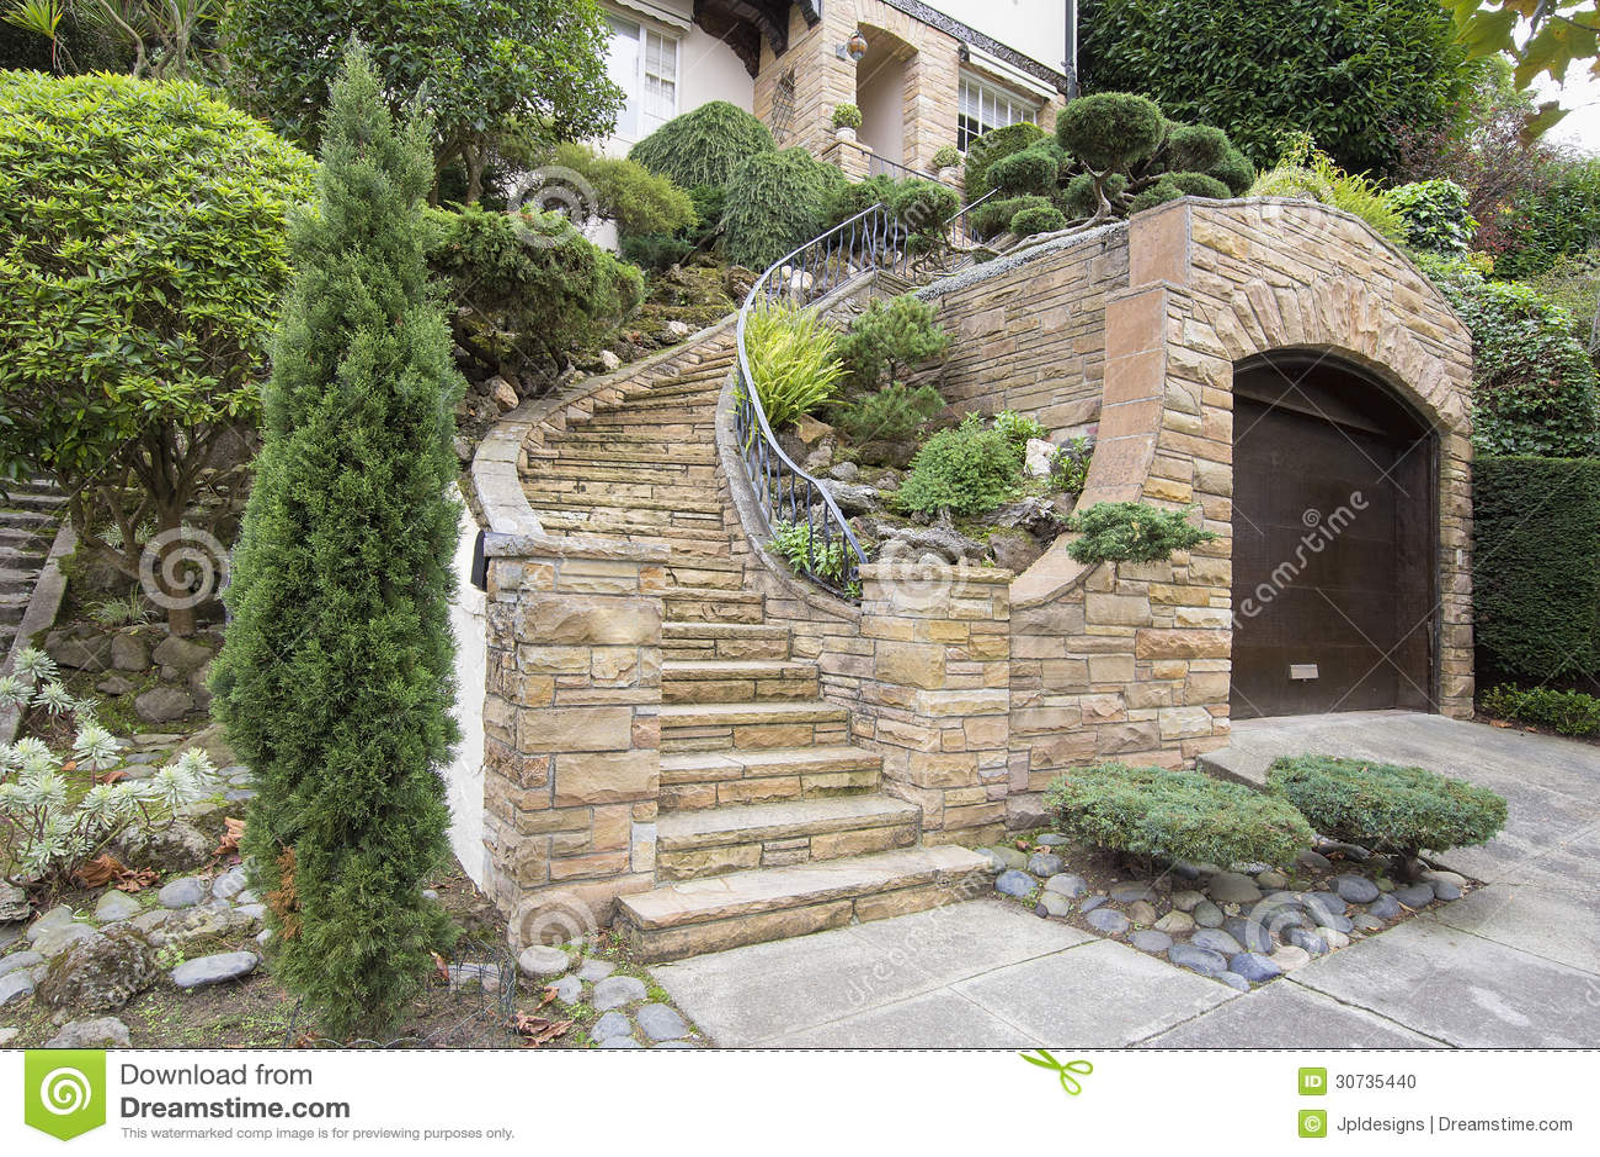 Fa ade en pierre de placage sur l 39 ext rieur de maison for Exterieur maison en pierre